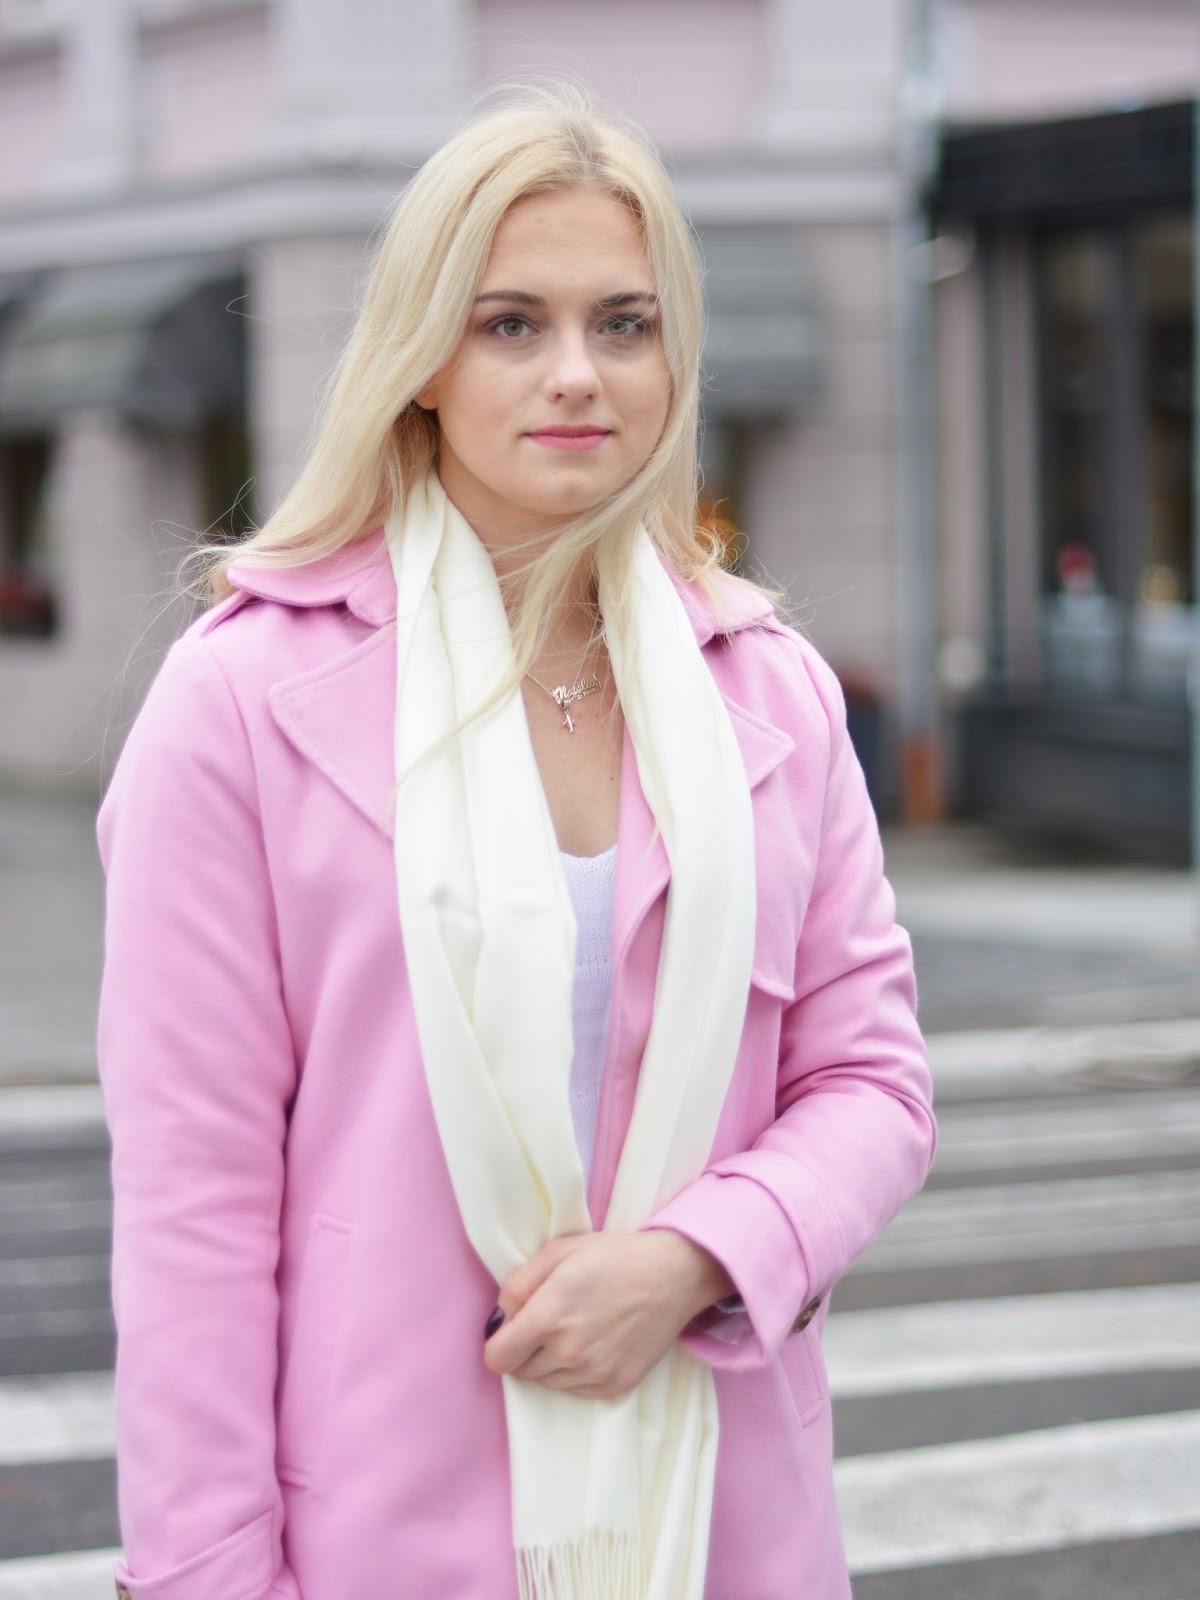 różowy płaszcz stylizacja